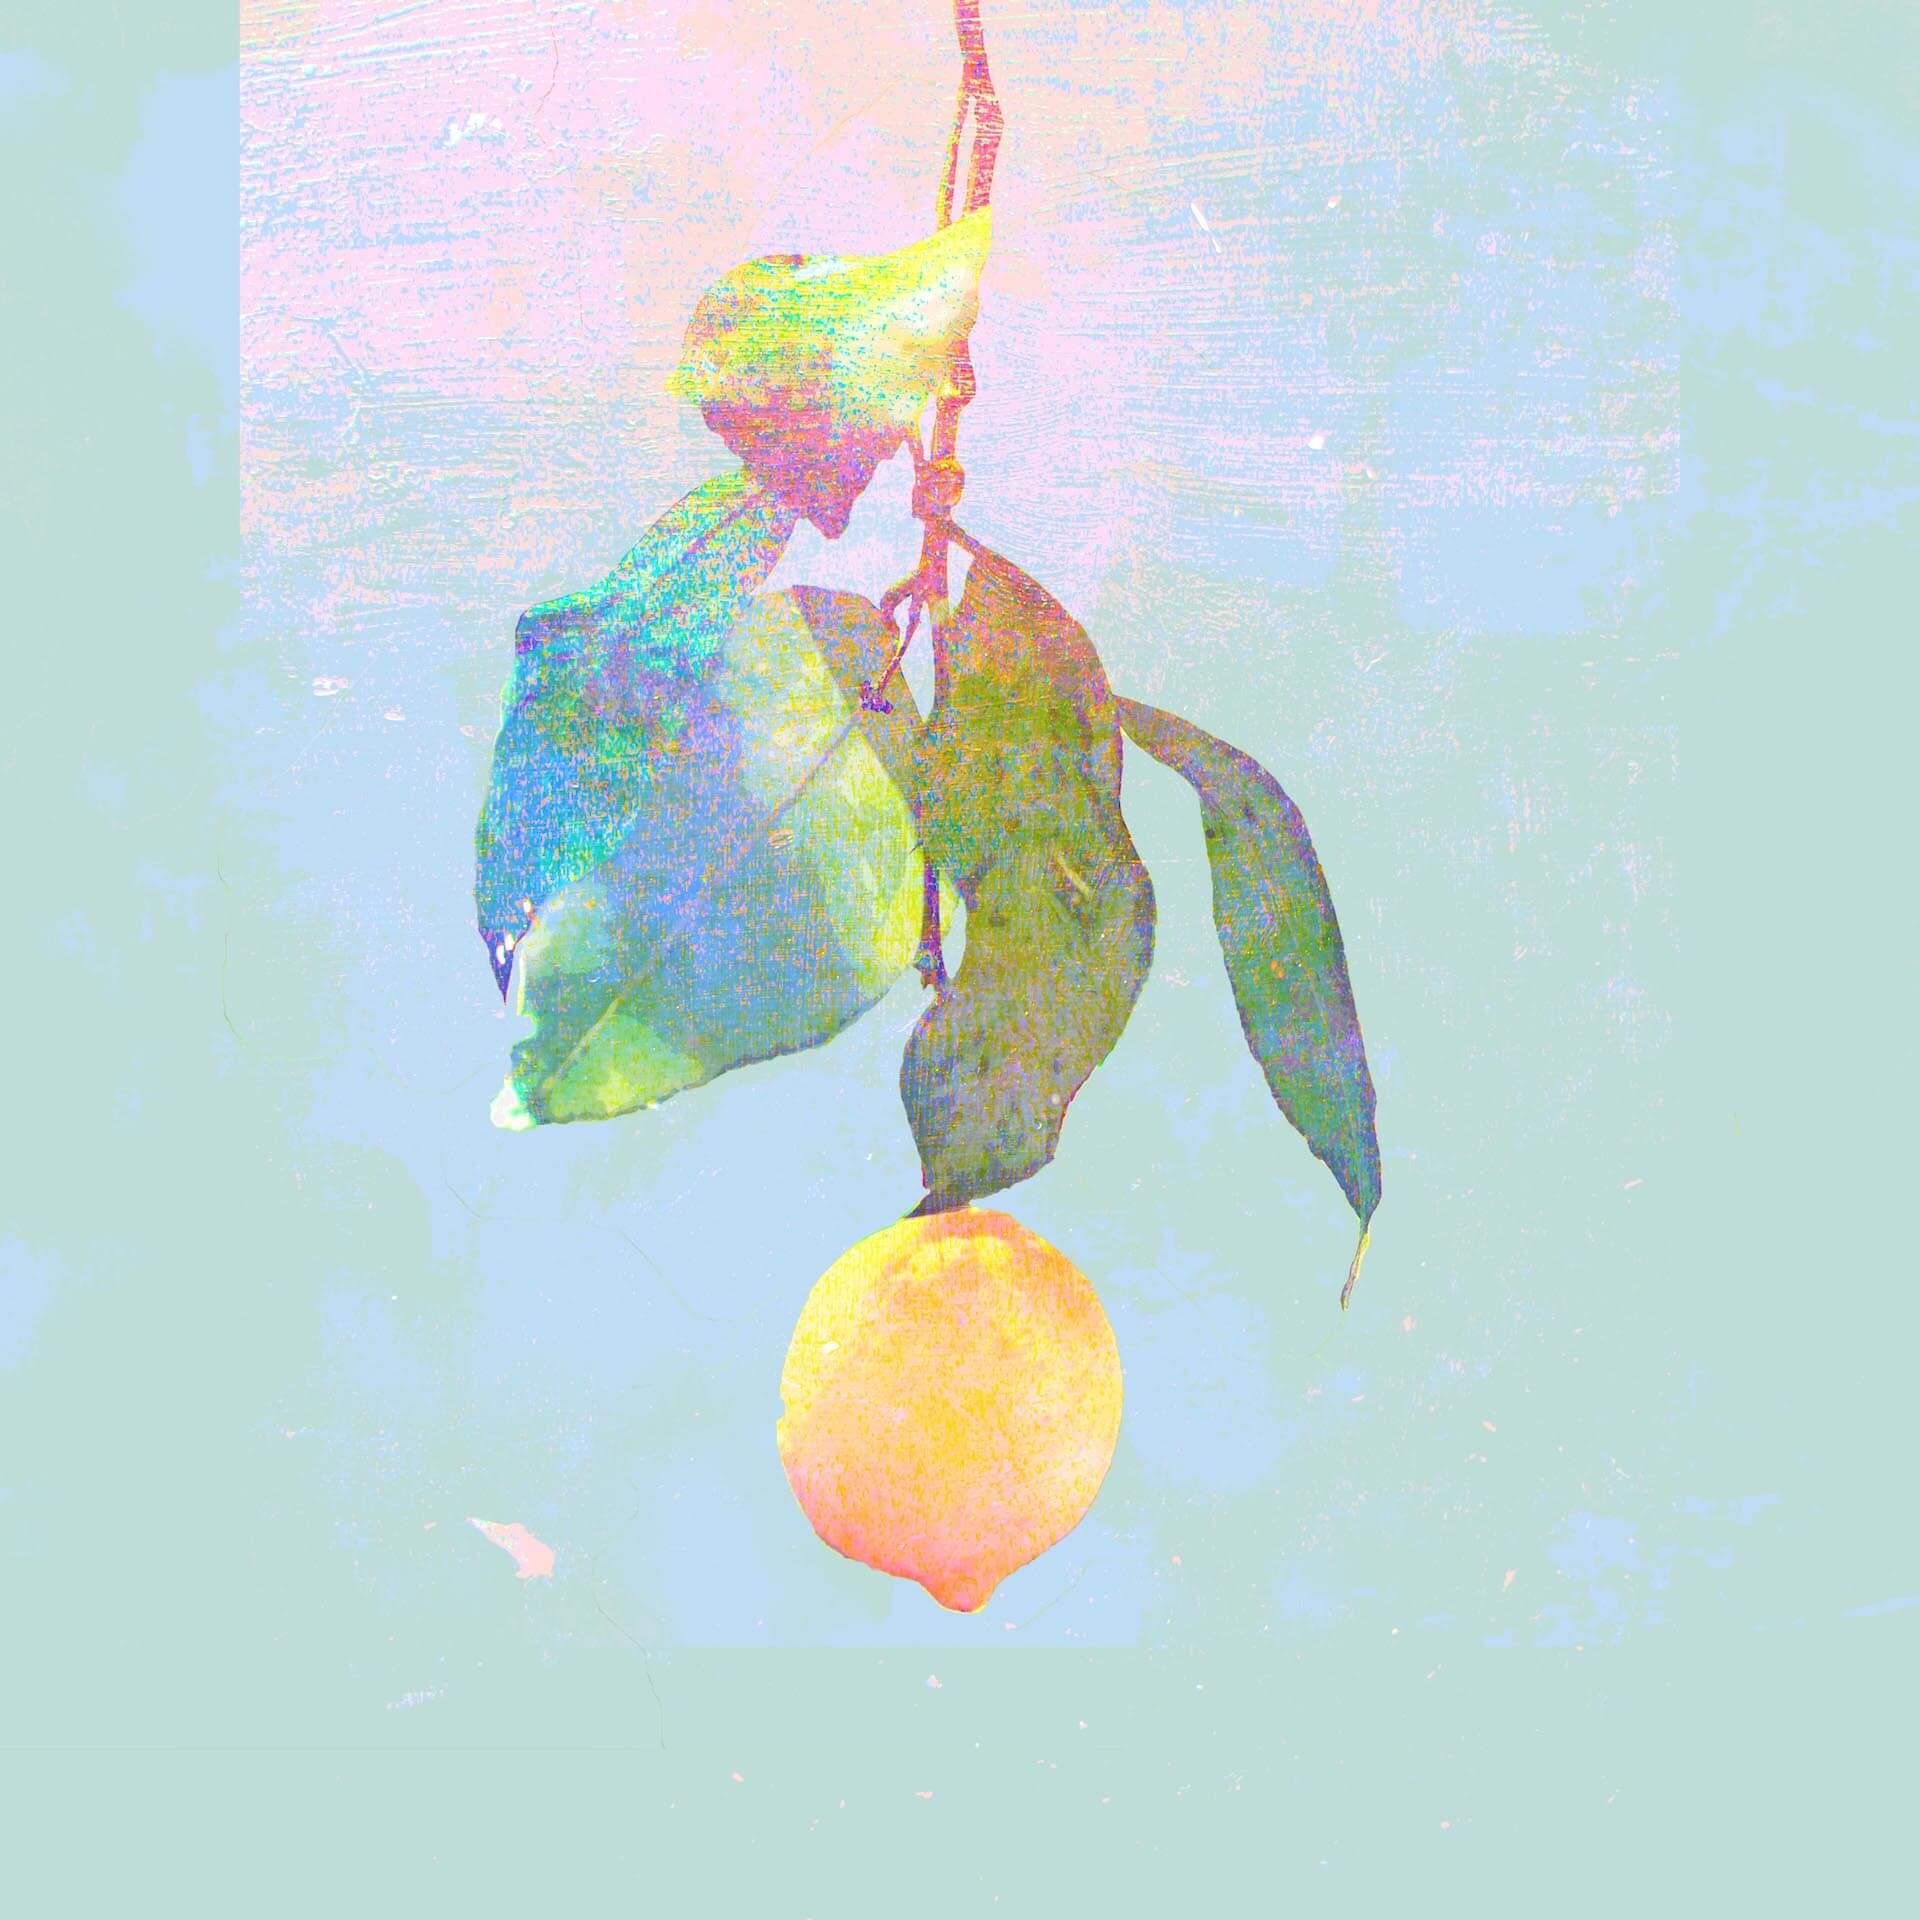 米津玄師の快進撃は続く!「Lemon」300万ダウンロード突破|平成生まれアーティスト初 music190930_yonezukenshi_lemon_main